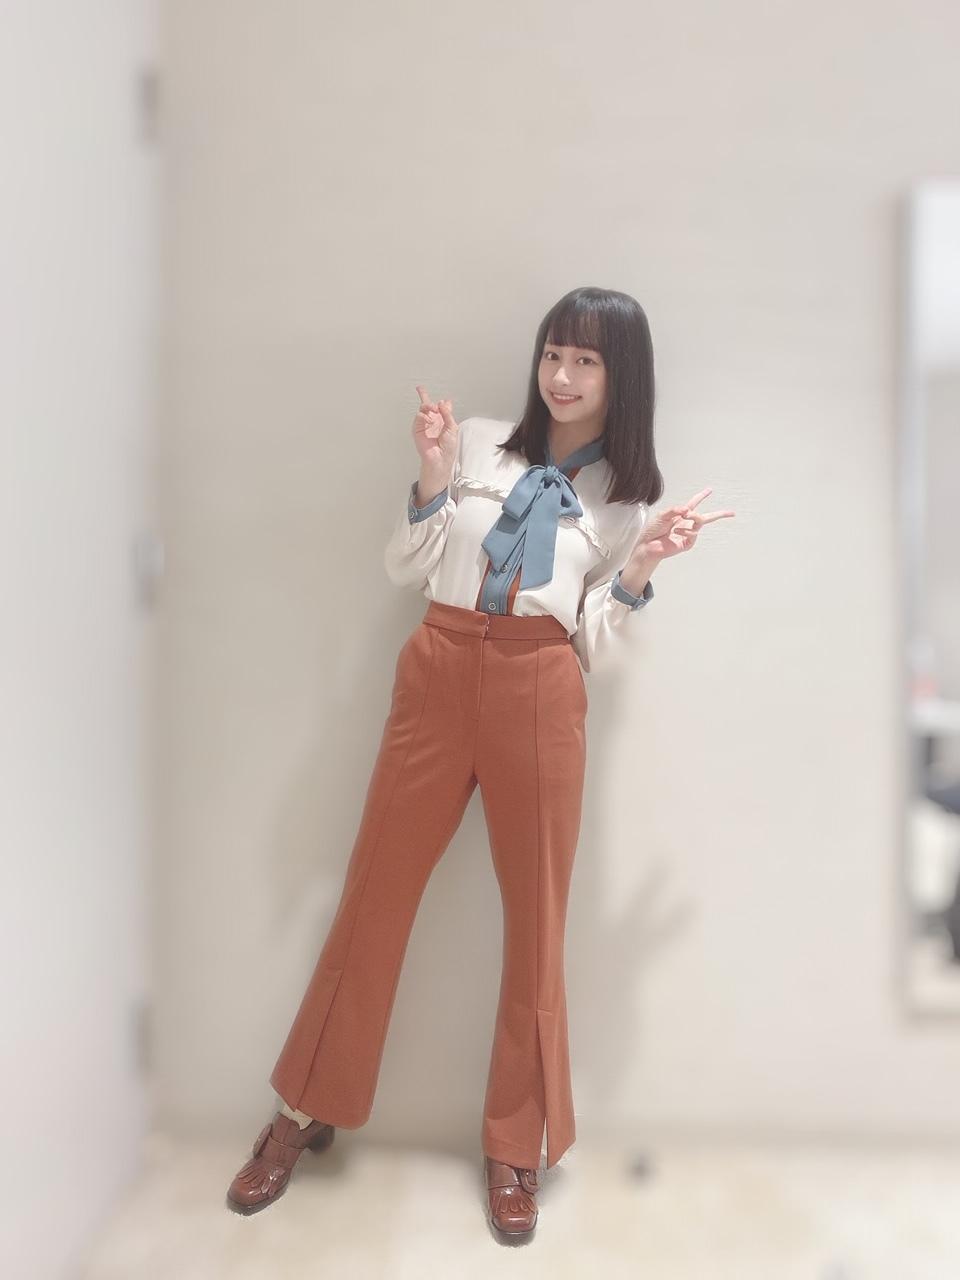 影山優佳ちゃんの「めっすぃ」